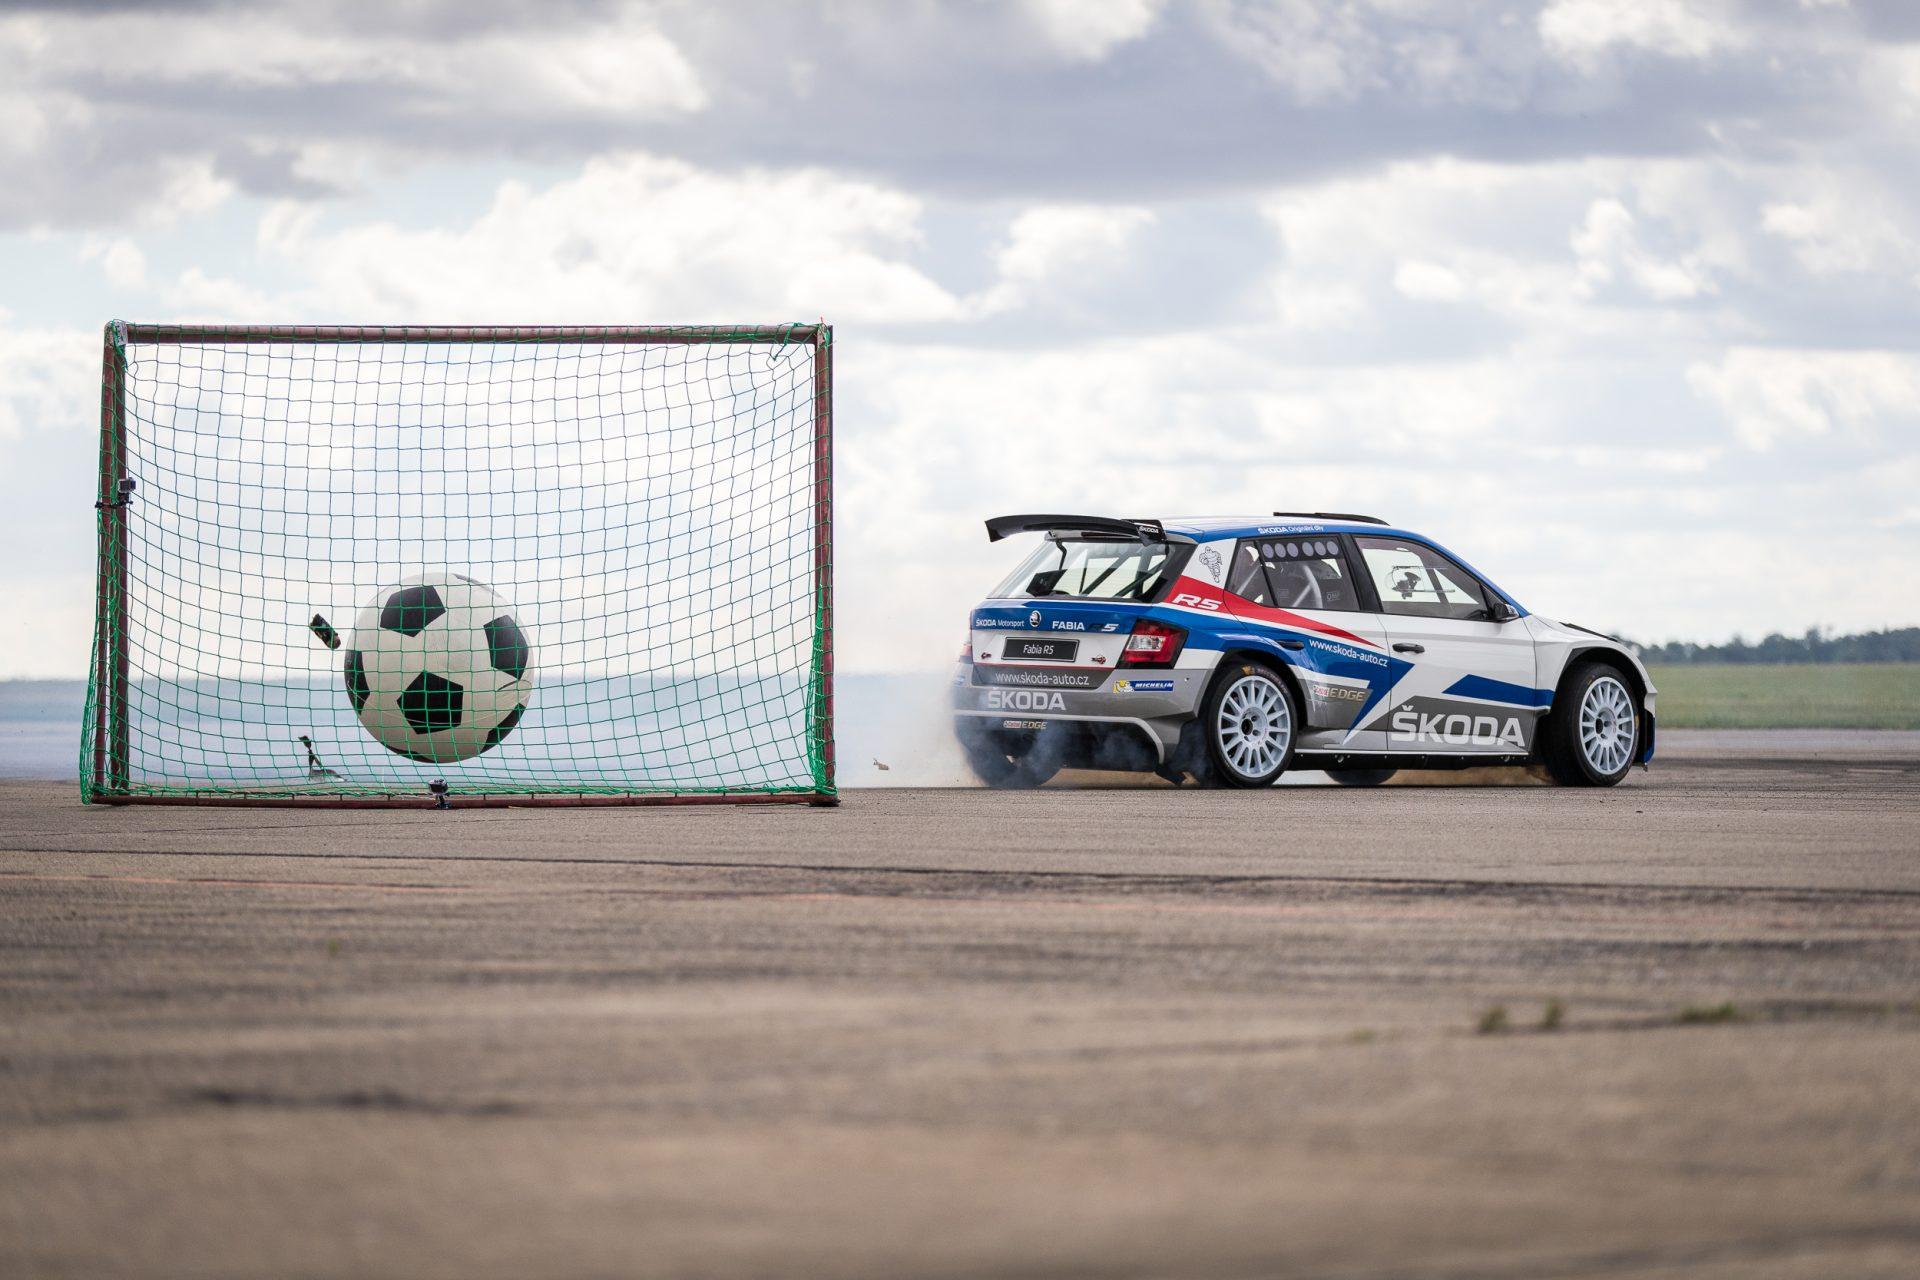 Když používáte auto místo kopaček | Rally Challenges